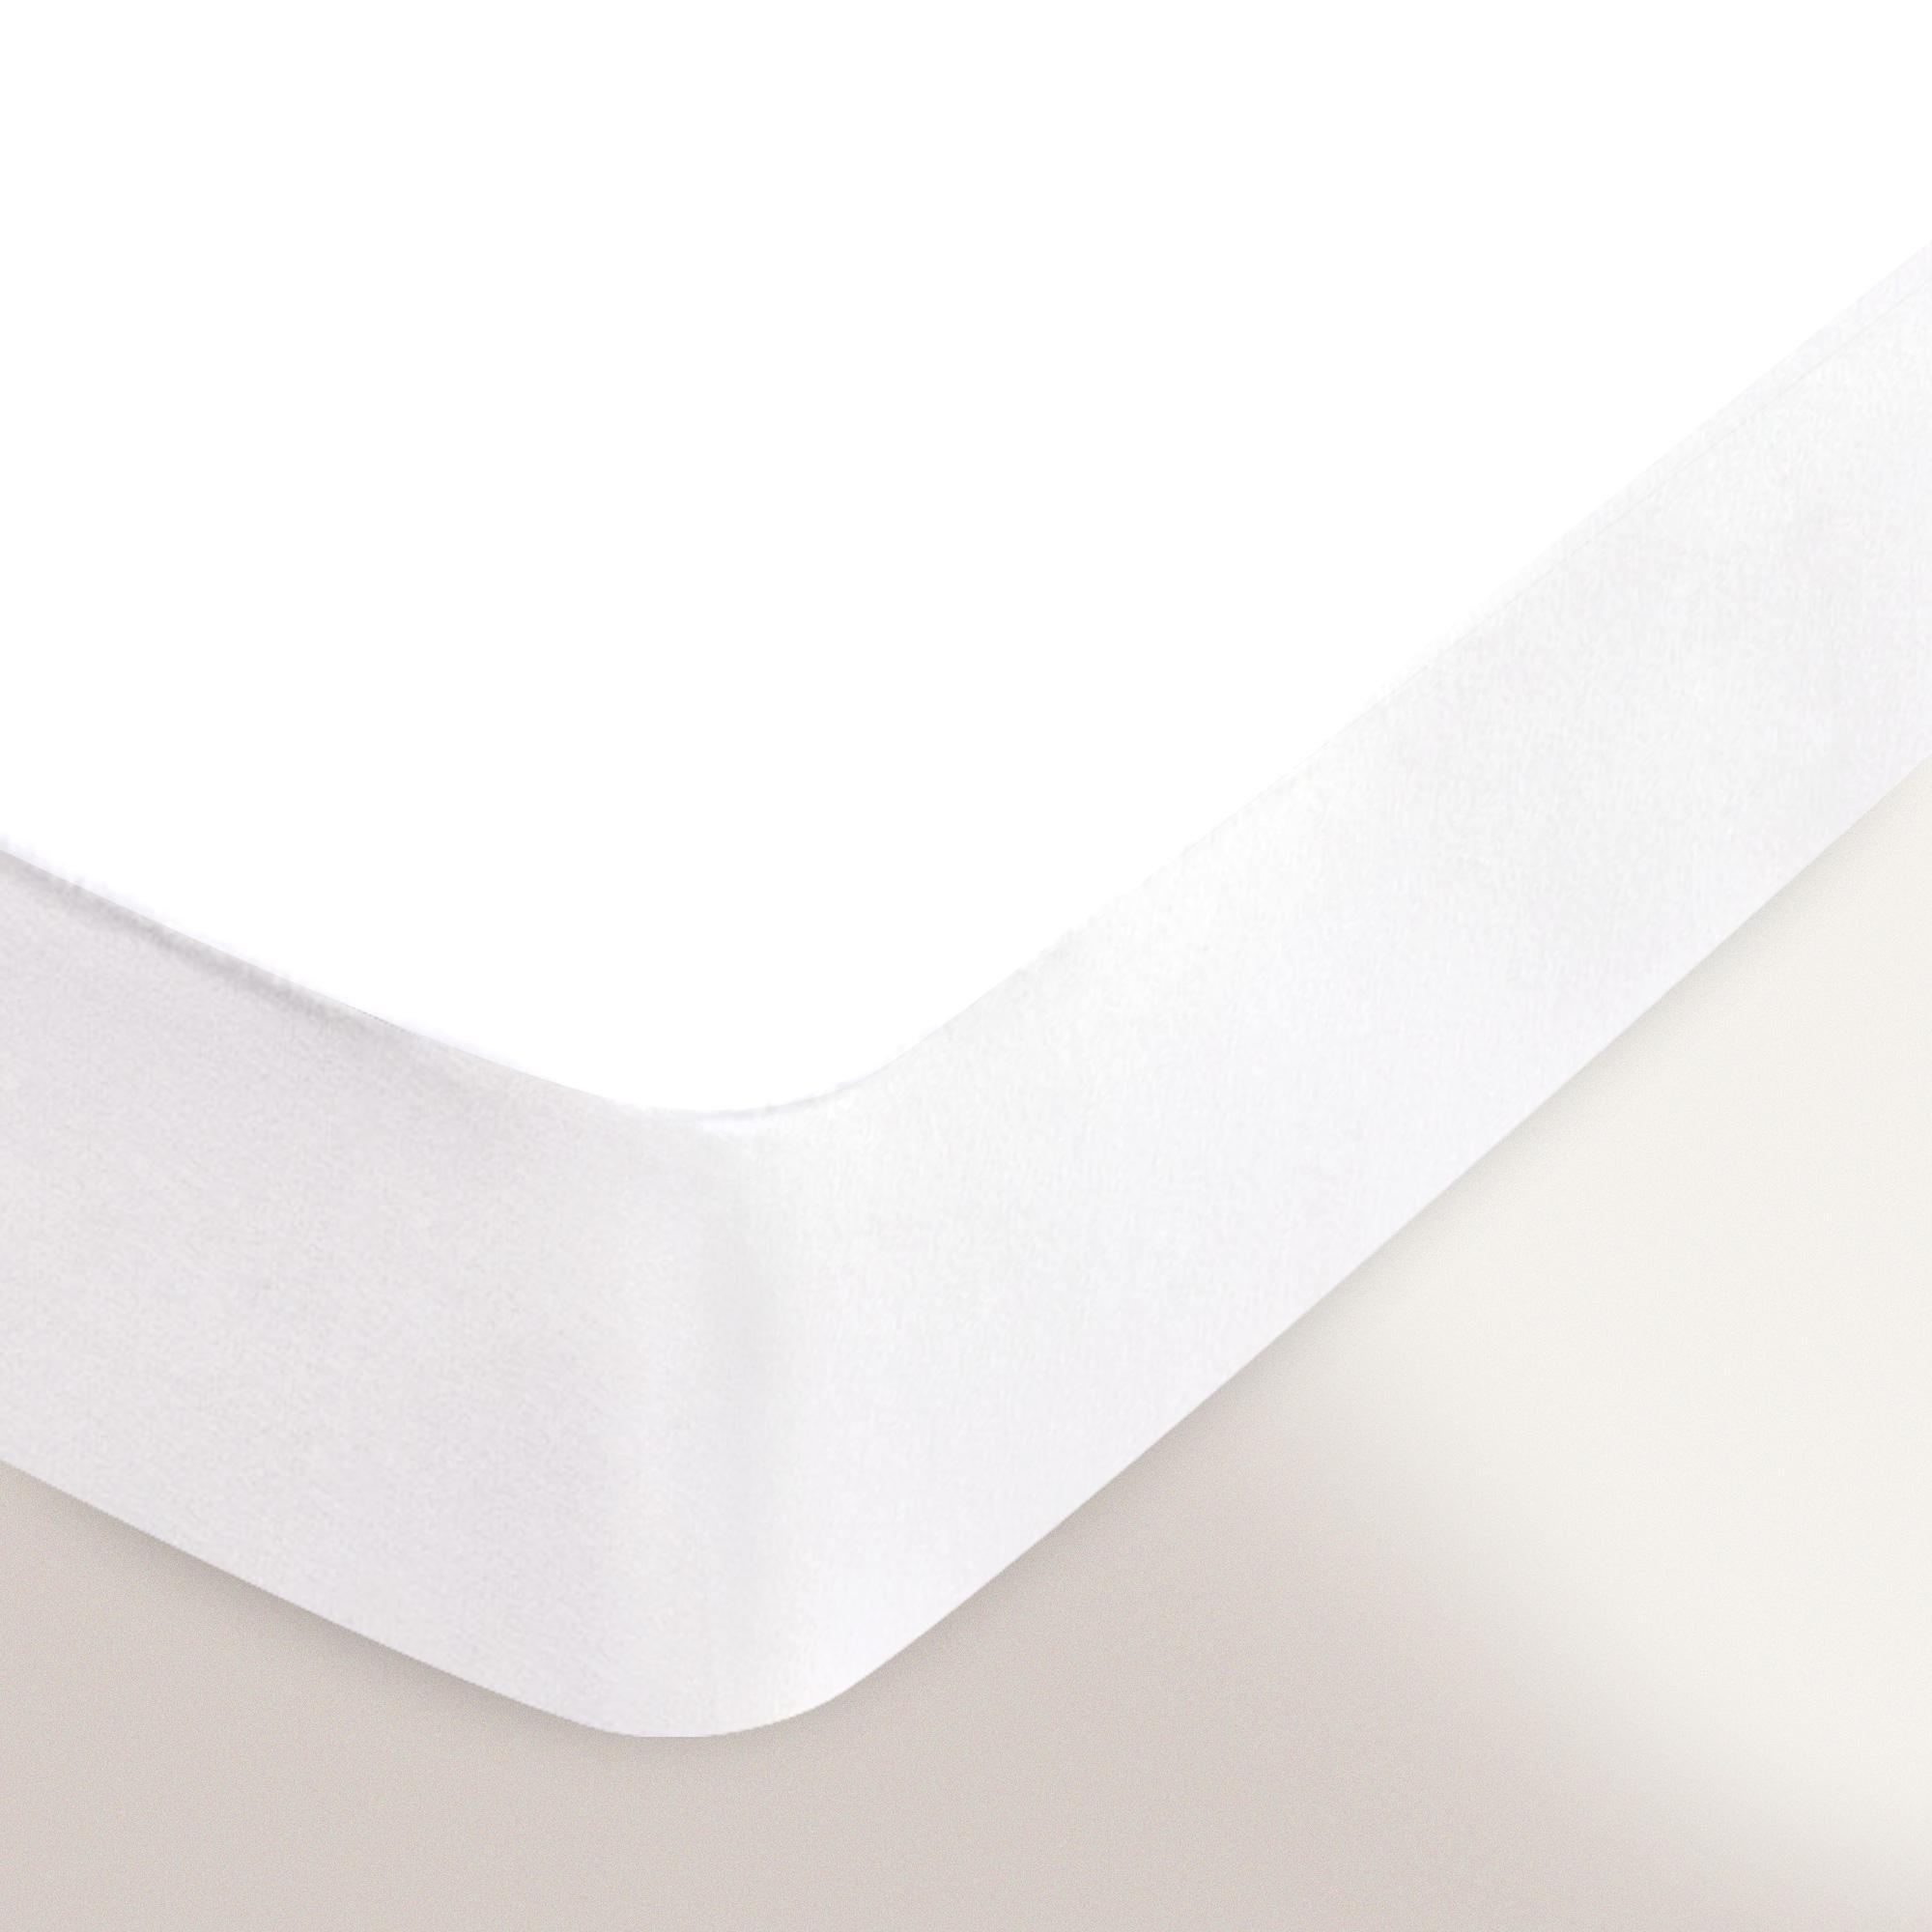 prot ge matelas imperm able 180x200 cm bonnet 23cm arnon molleton 100 coton contrecoll. Black Bedroom Furniture Sets. Home Design Ideas